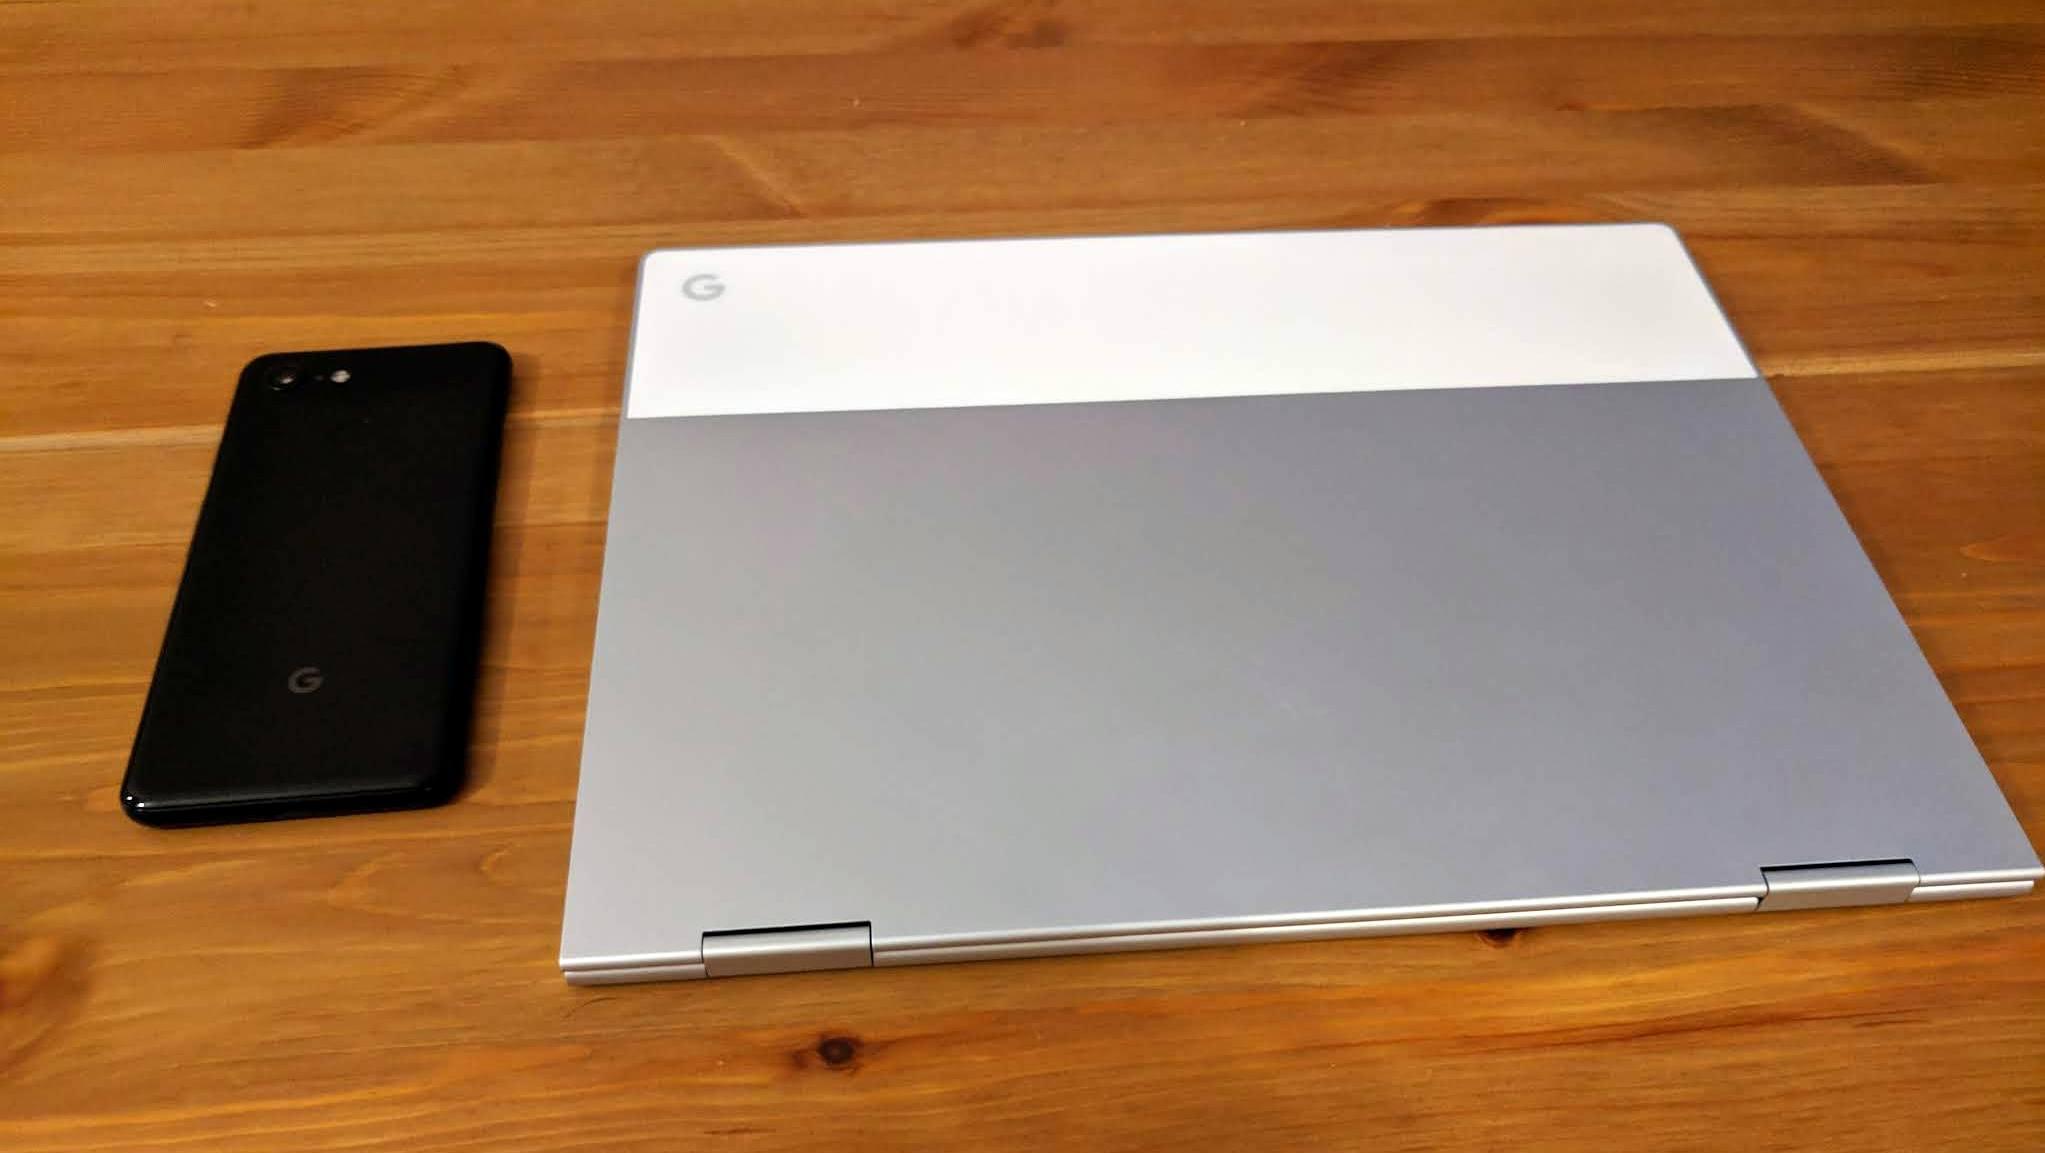 Jak se hodí Google Pixelbook na vývoj Android aplikací? [uživatelská zkušenost]